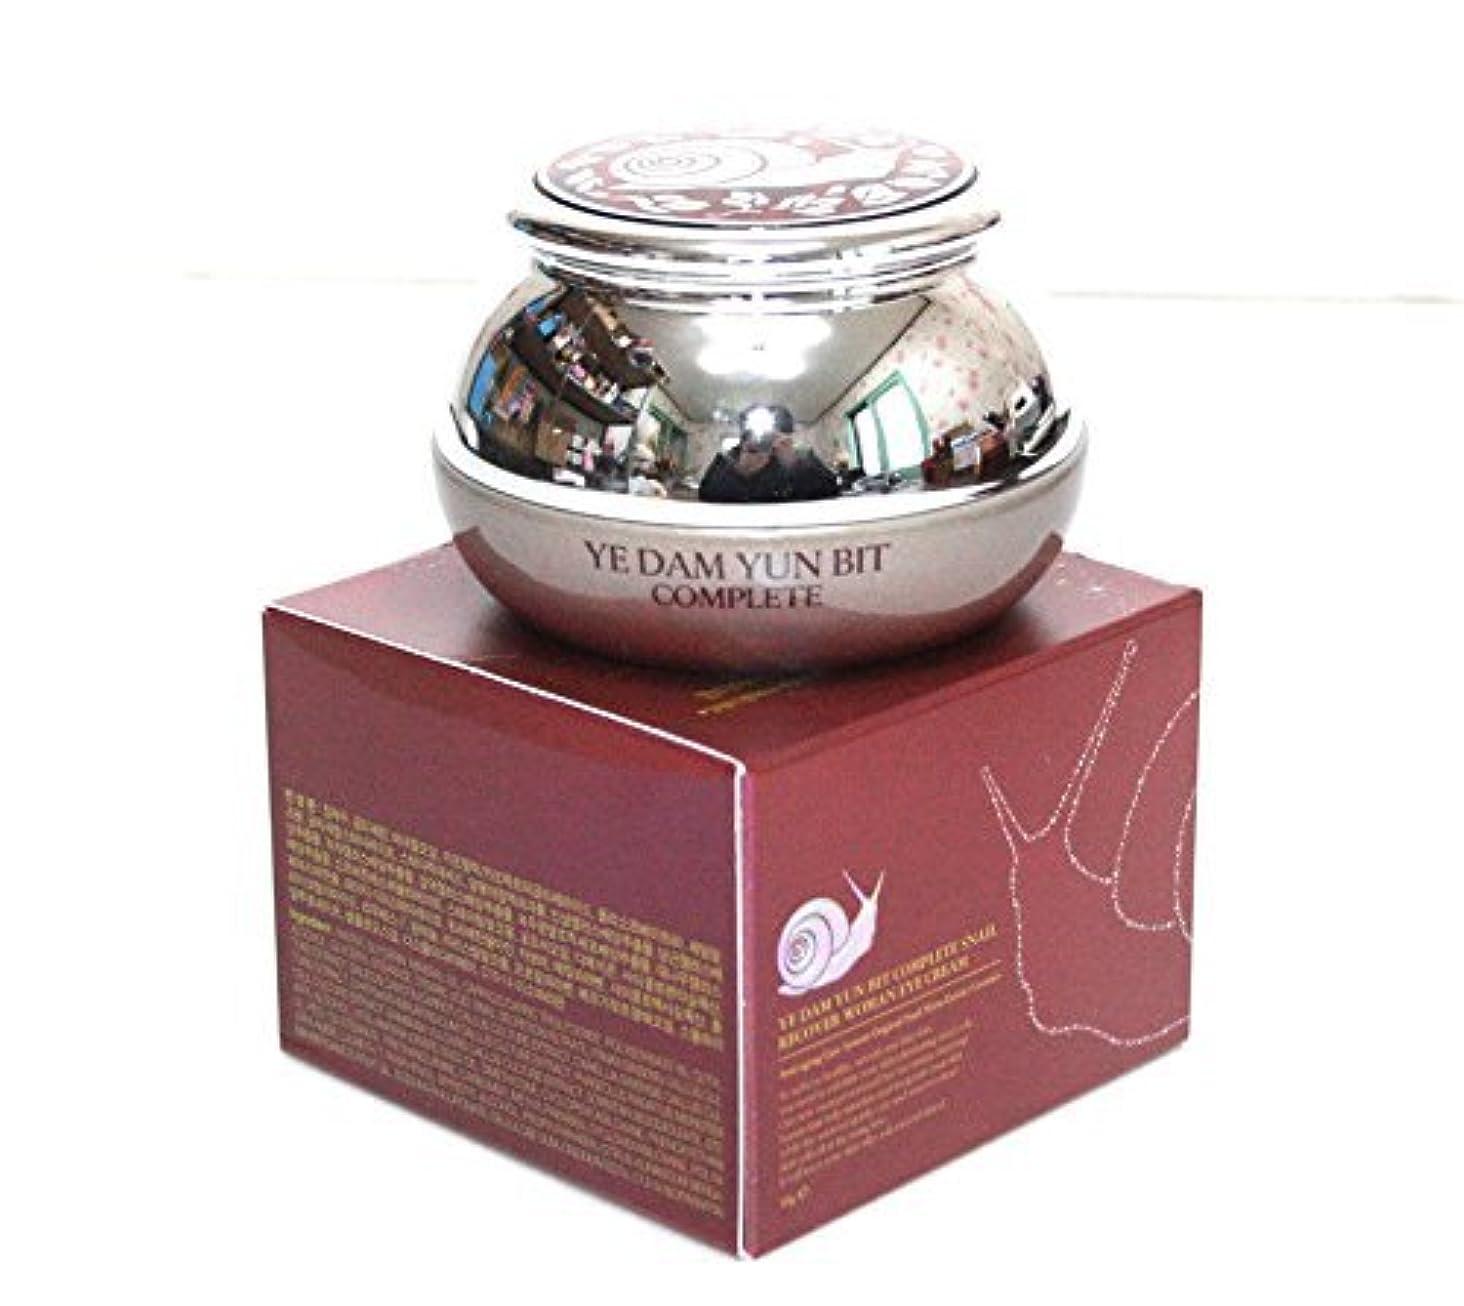 ルーフ高尚な無限大[YEDAM YUN BIT] スキンが完成カタツムリ回復女性のアイクリーム50ml/韓国の化粧品/COMPLETE Skin Snail Recover Woman Eye Cream 50ml/Korean cosmetics...